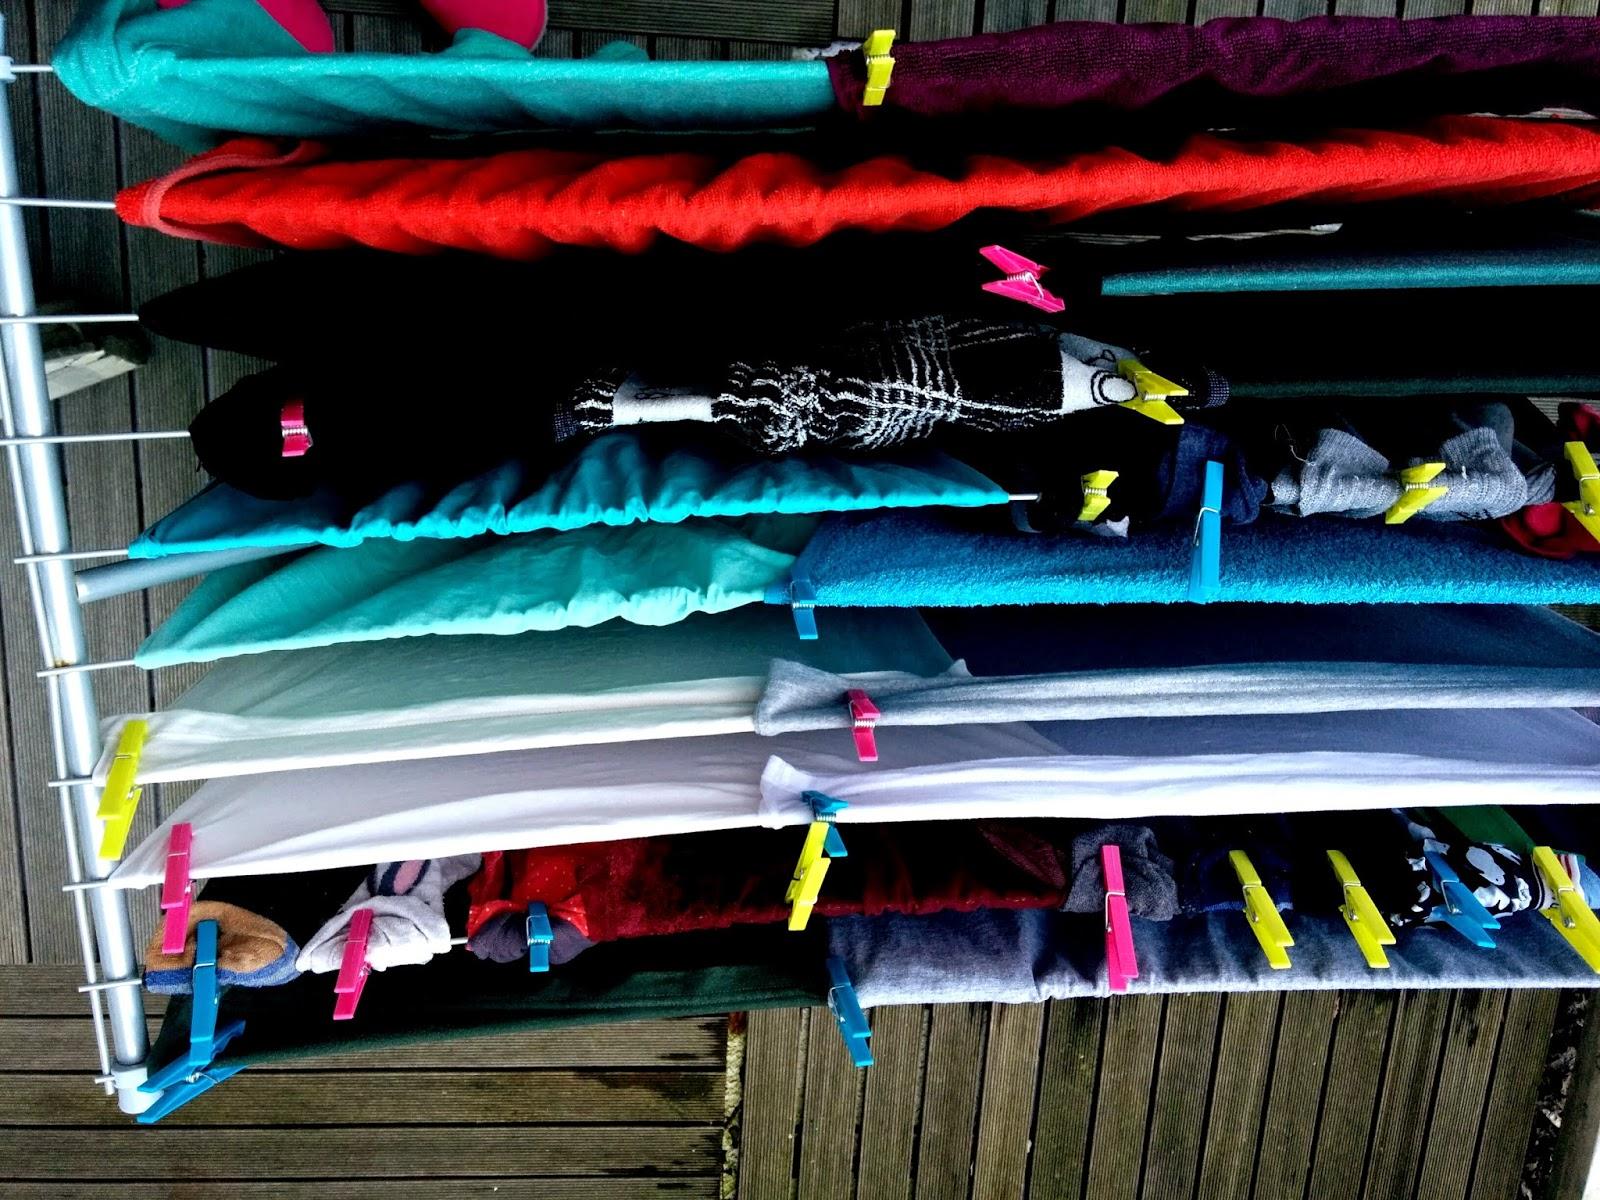 Tendederos para la ropa